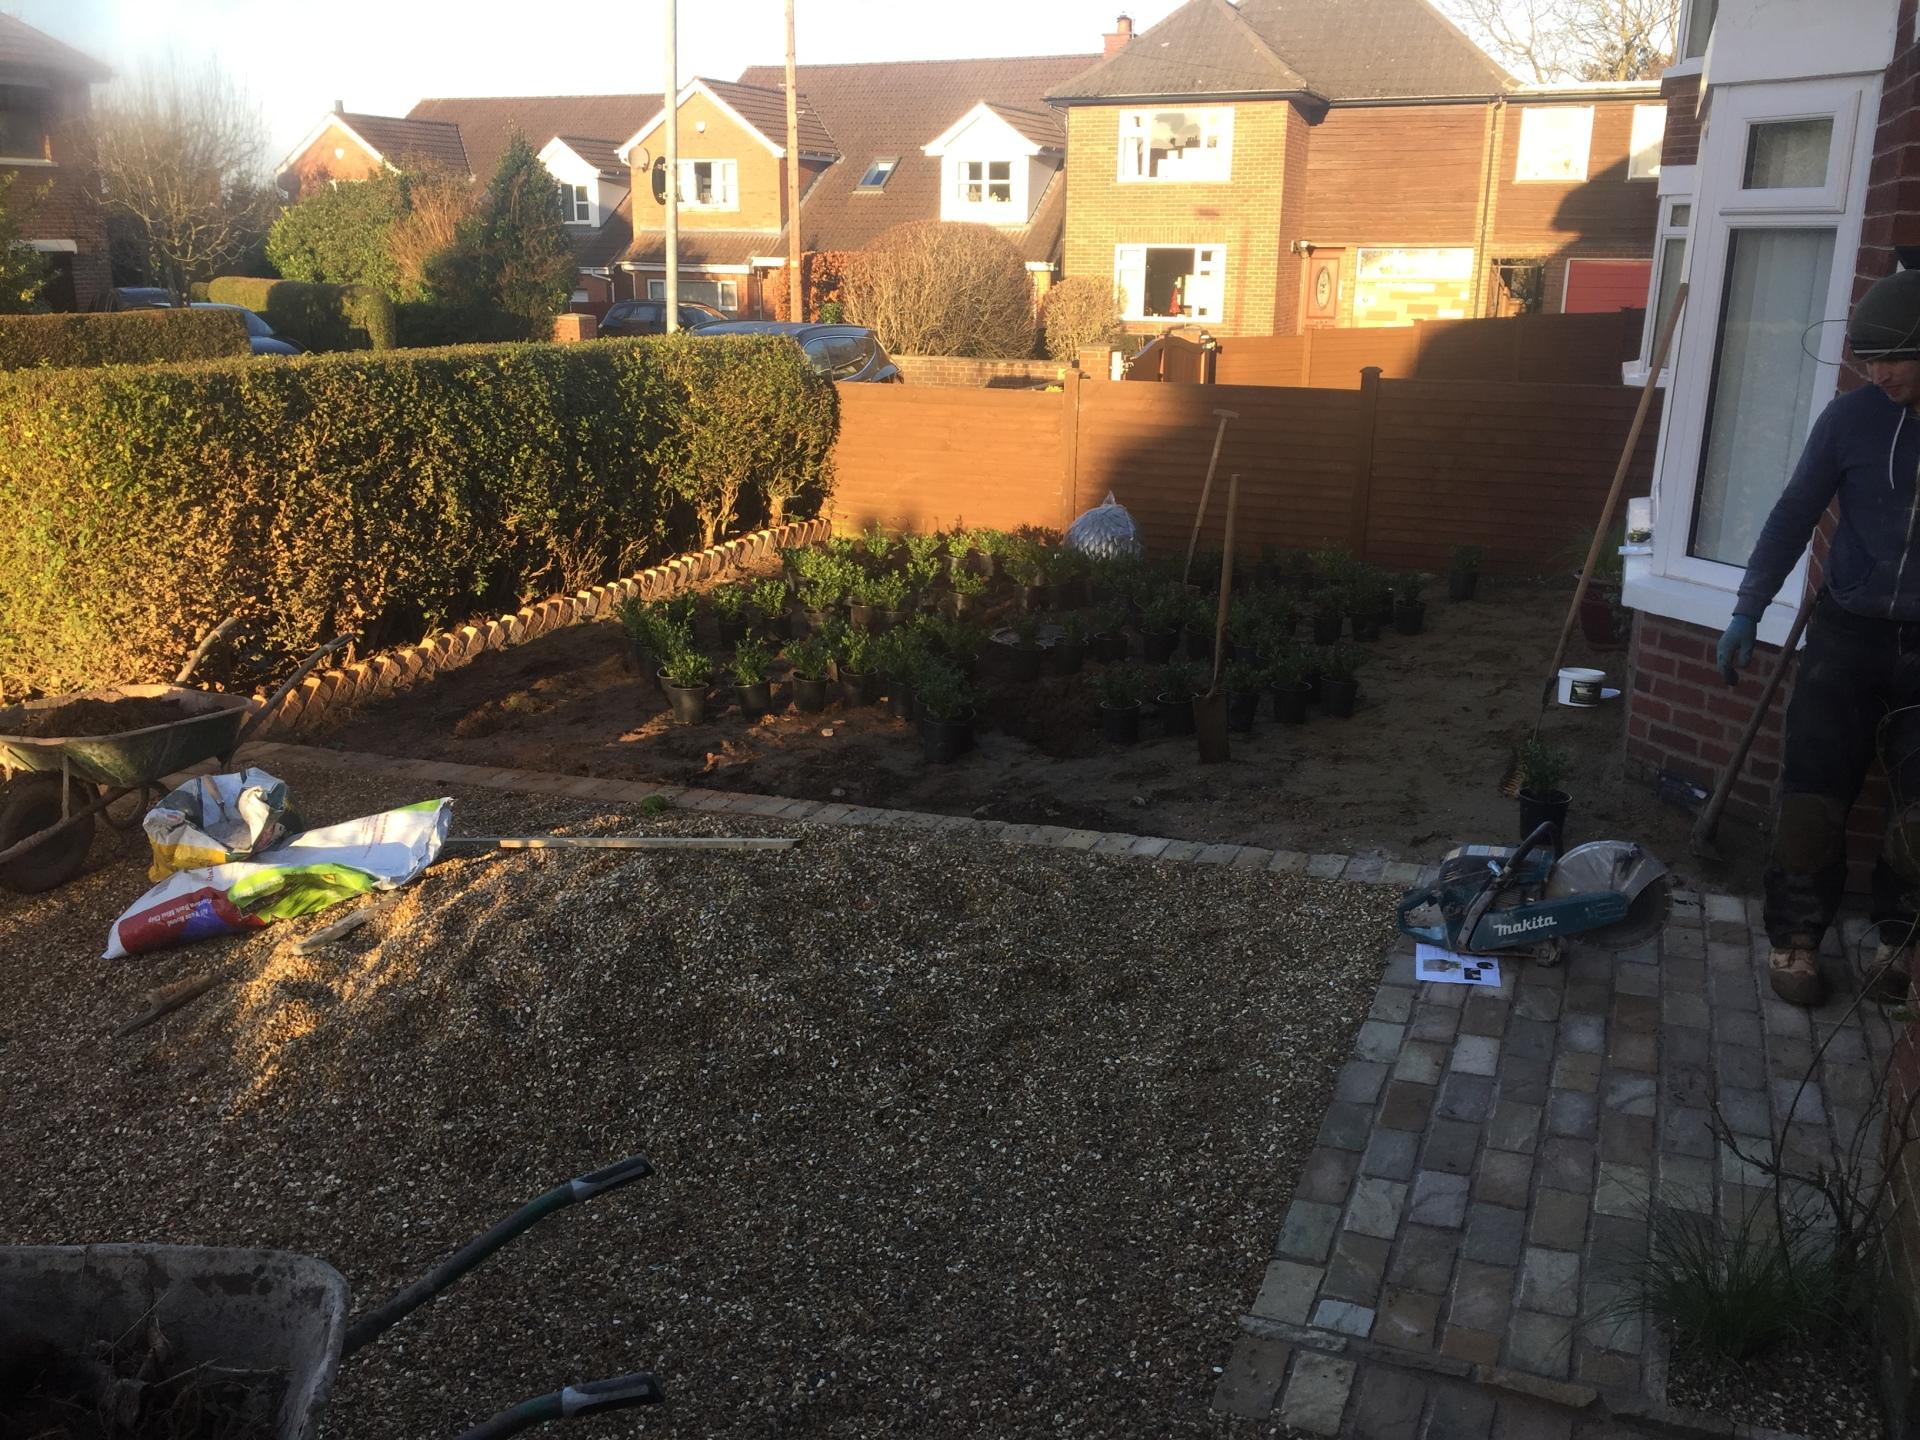 Ilex 'crenata' knot garden